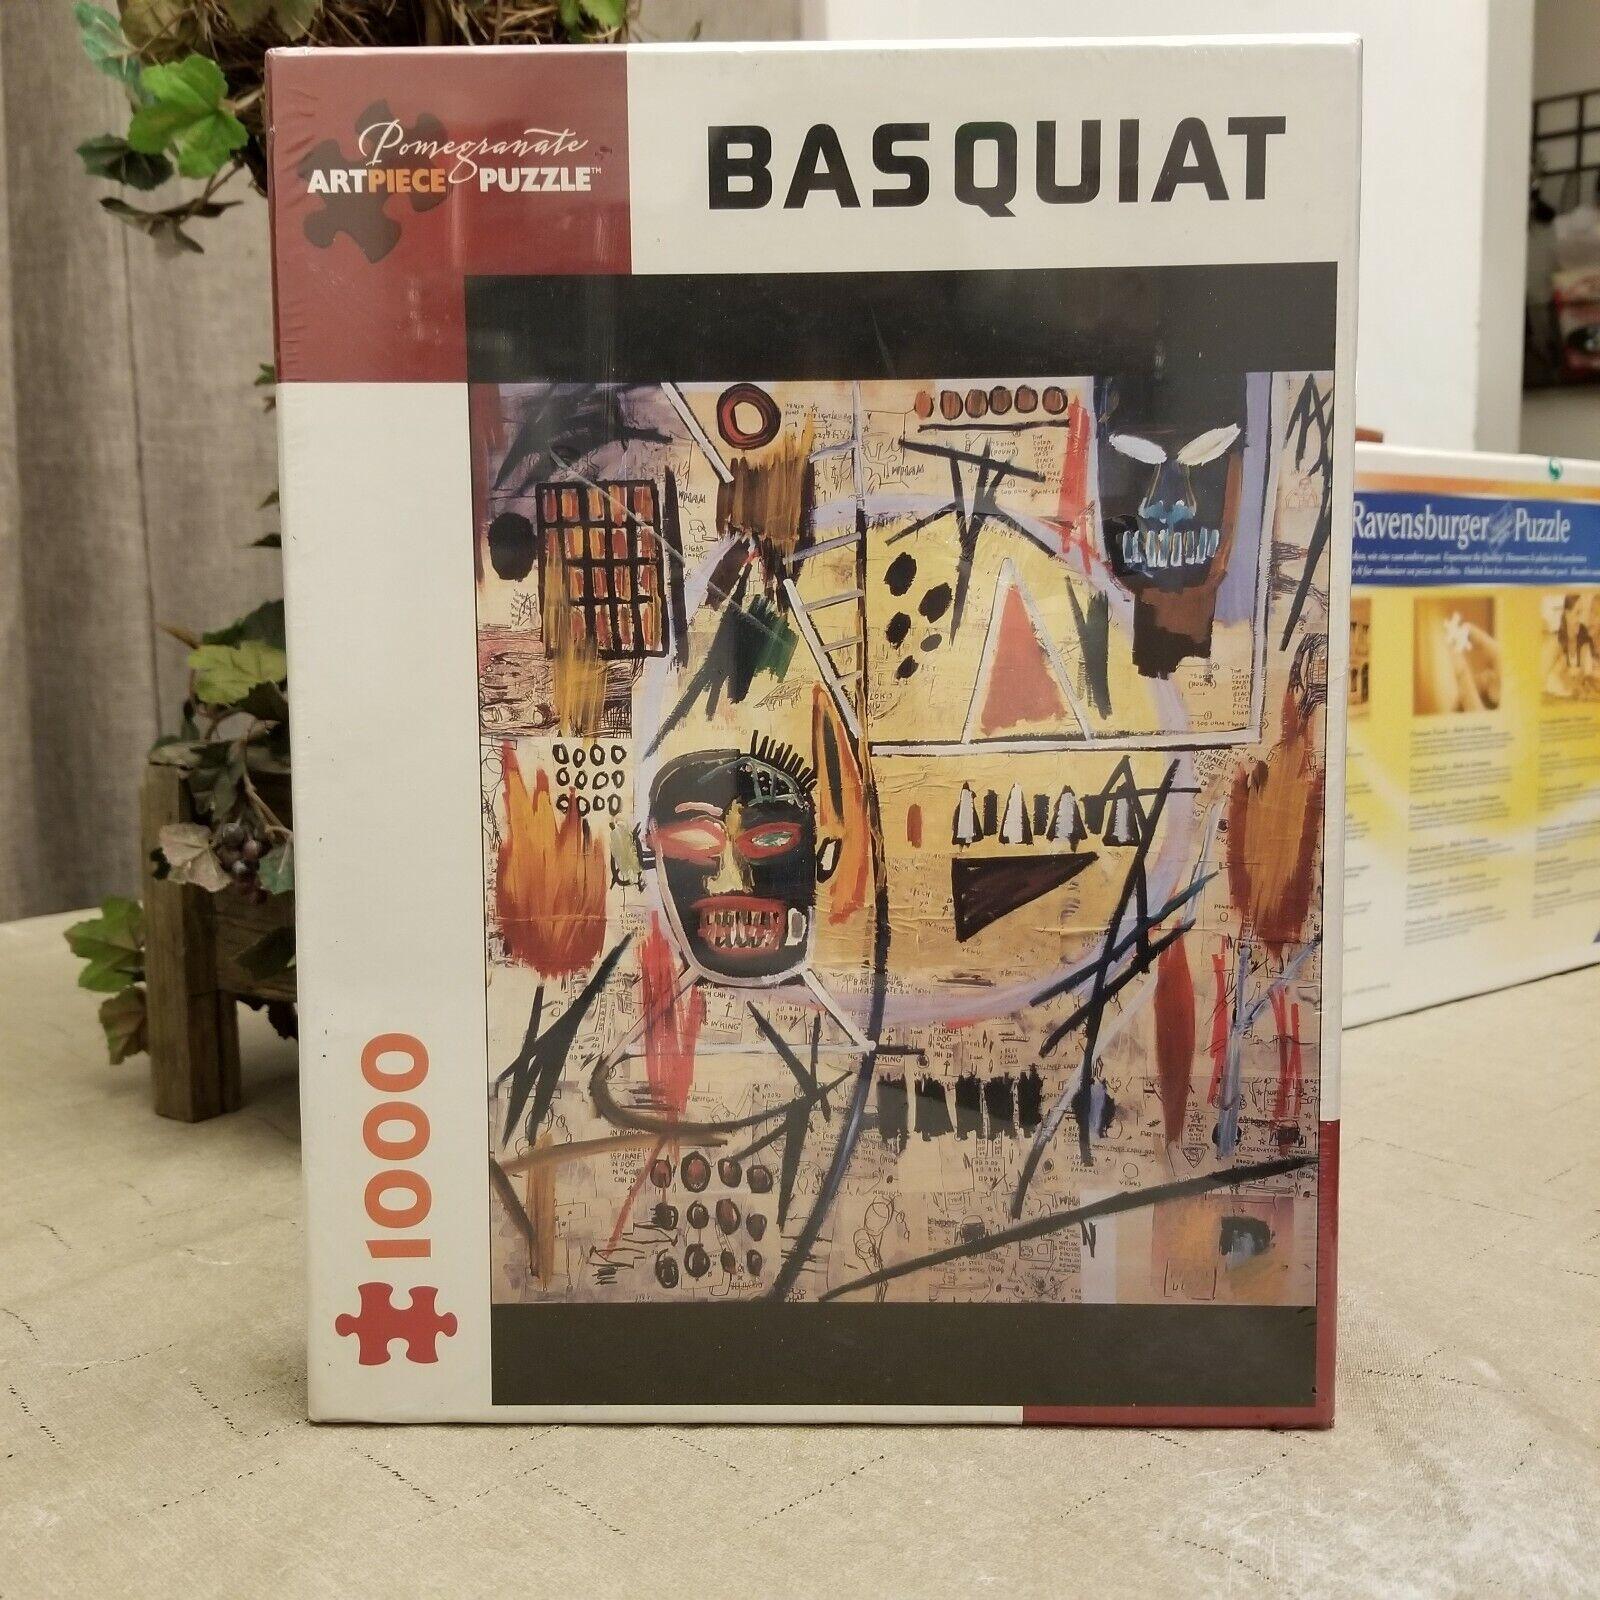 Jean-Michel Basquiat Samo Pomegranate Artpiece Puzzle 1000 Pieces Very Rare New